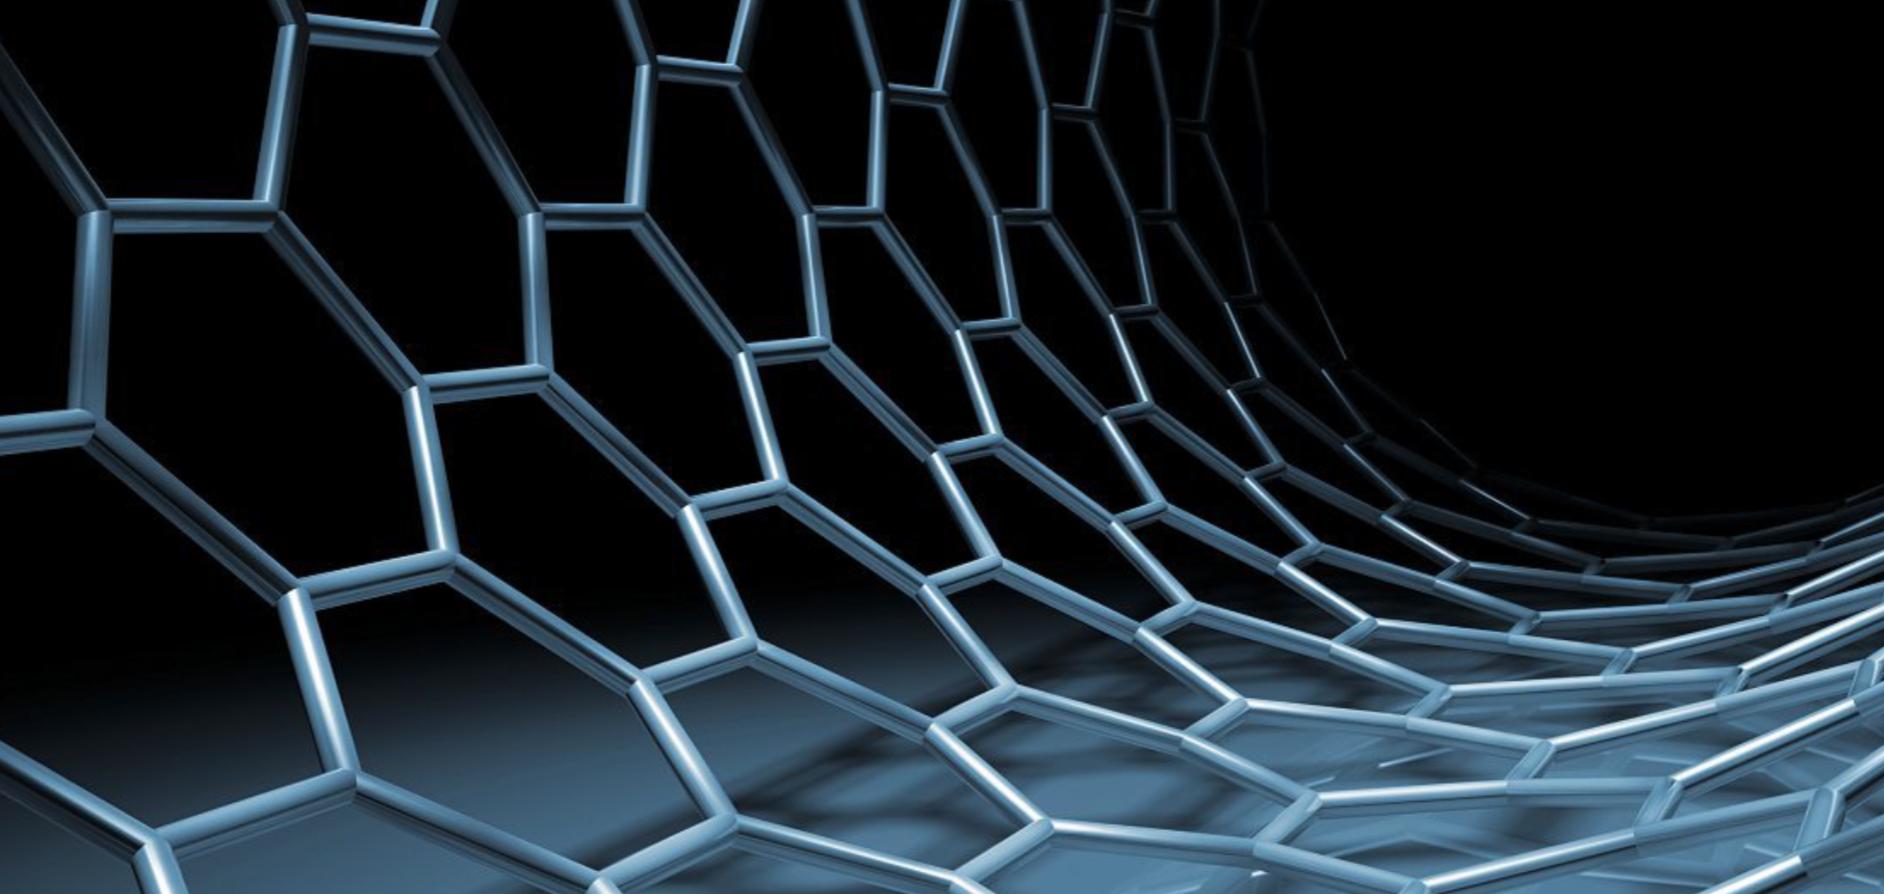 Hexagonal structure of graphene